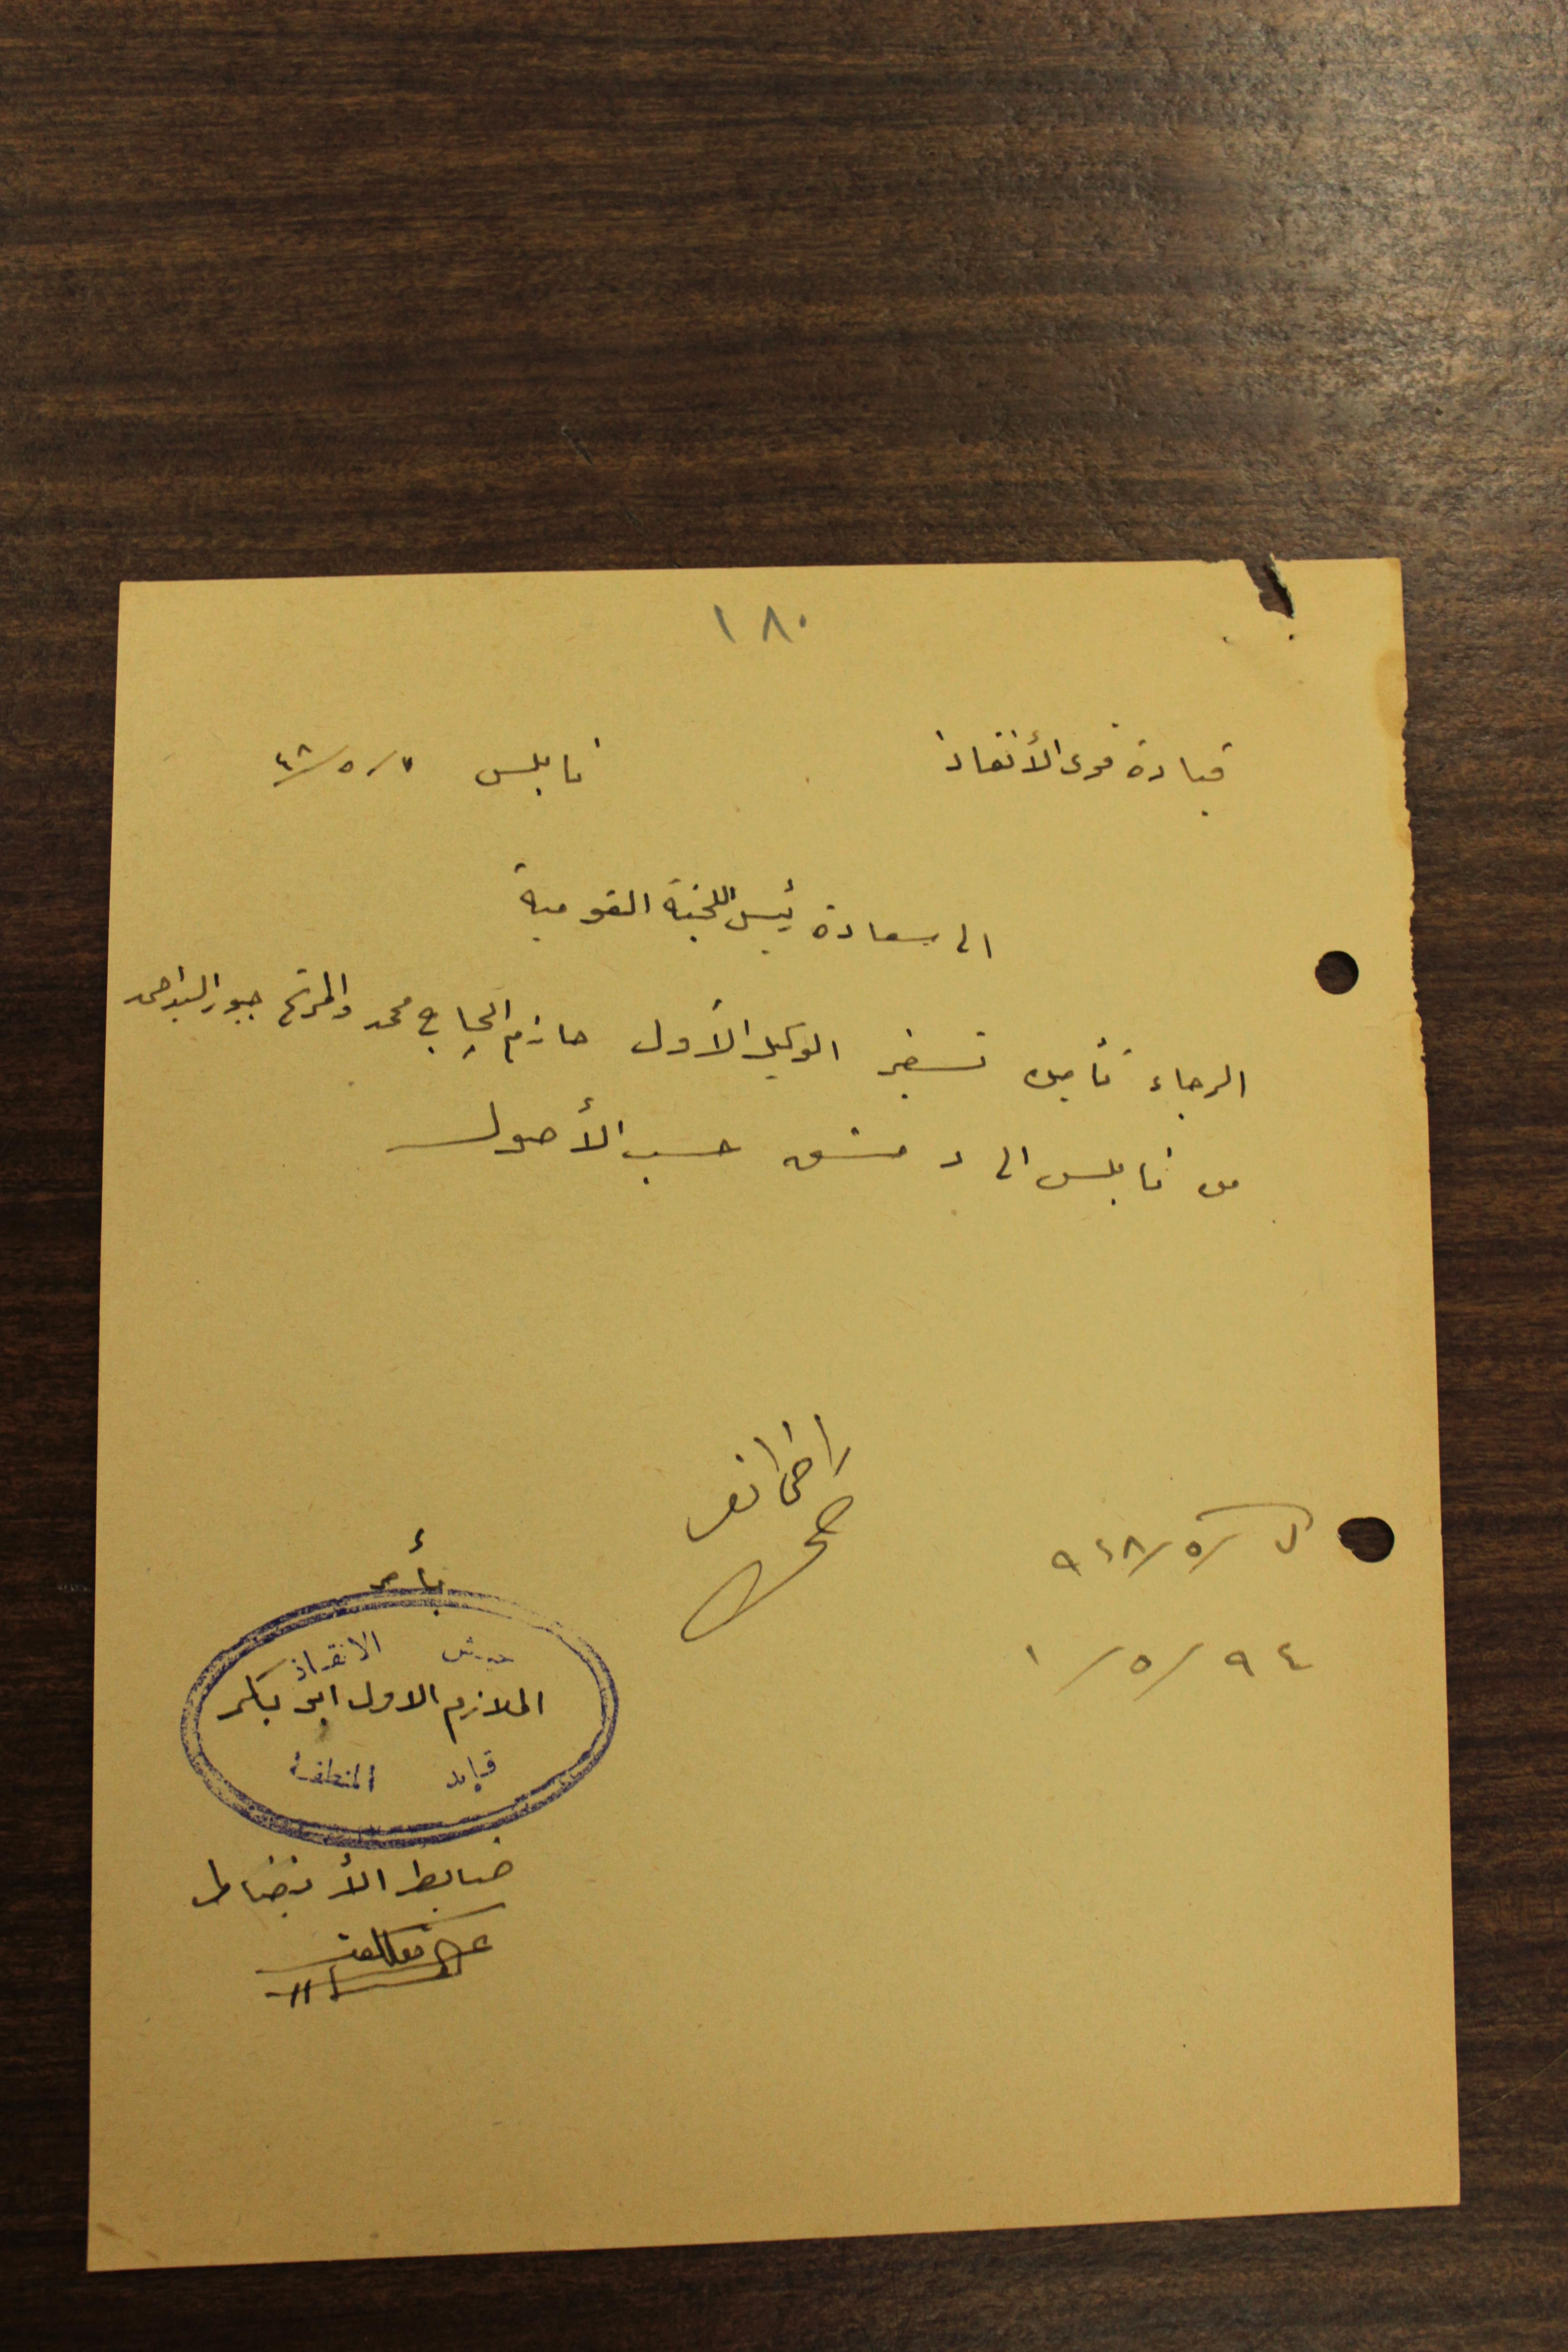 قيادة قوى الانقاذ إلى اللجنة القومية العربية عام 1948 (14).JPG